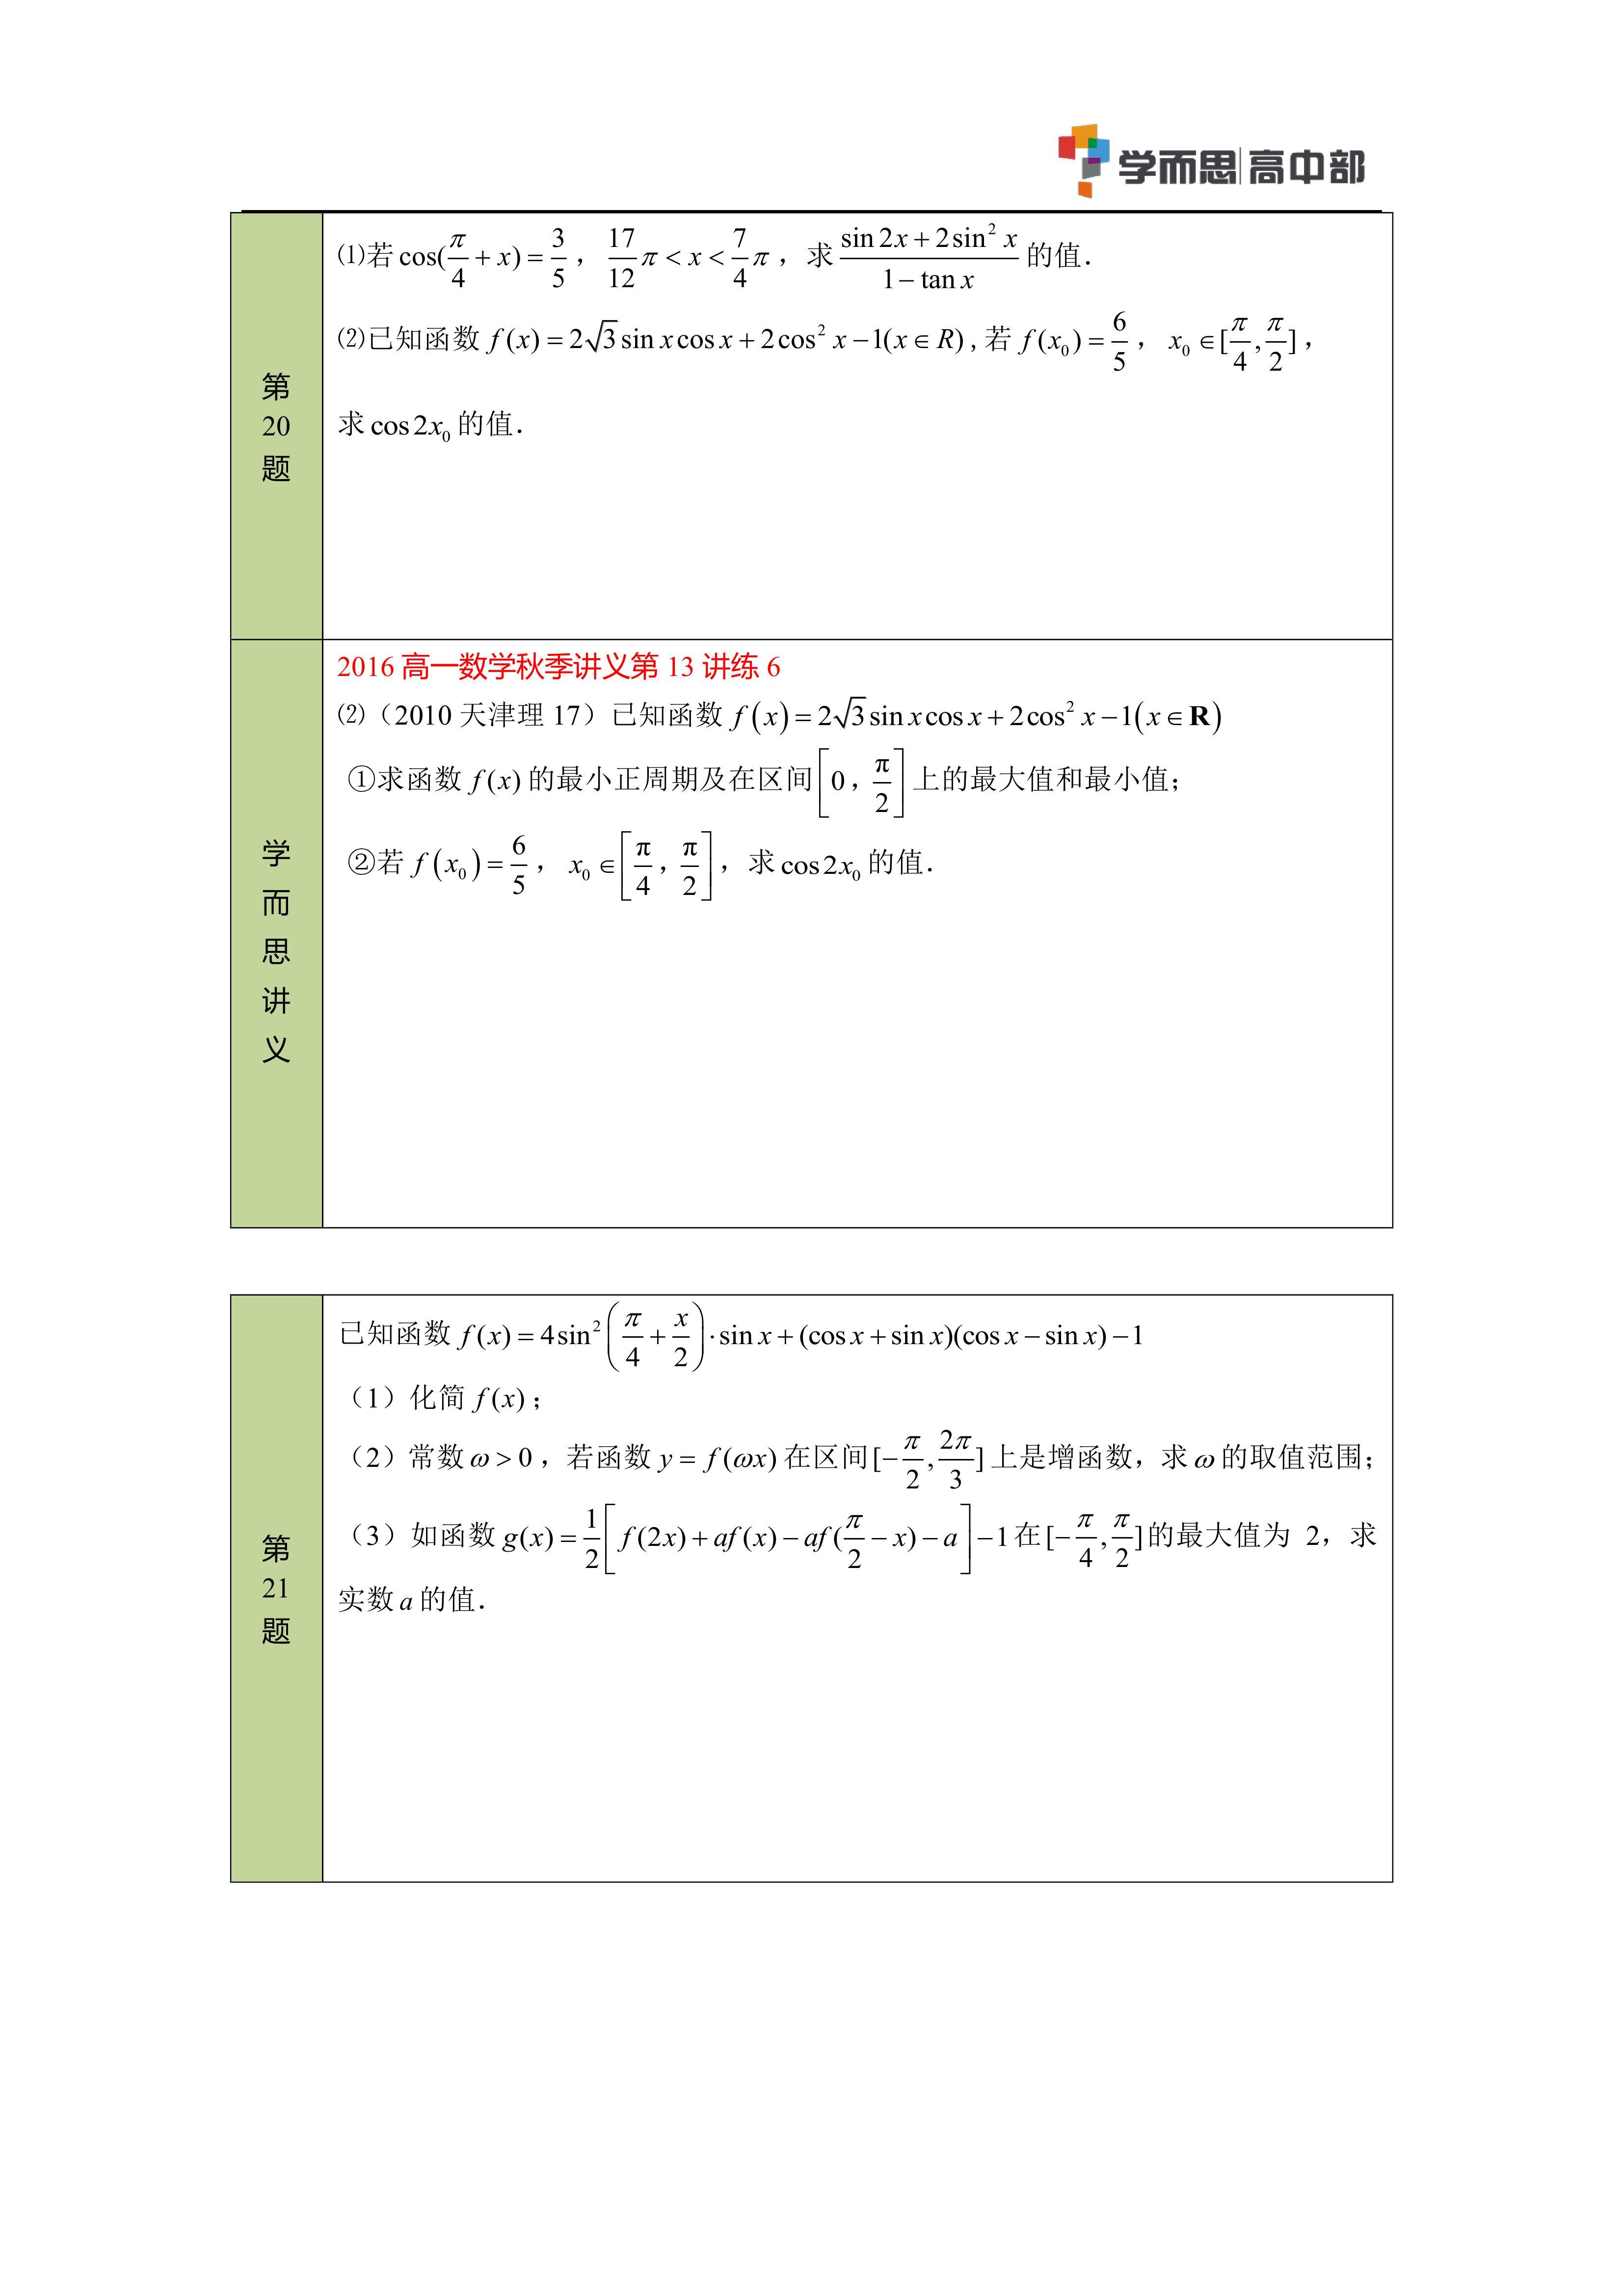 2016-2017学年武汉二中上学期期末数学试卷剖析0005.jpg